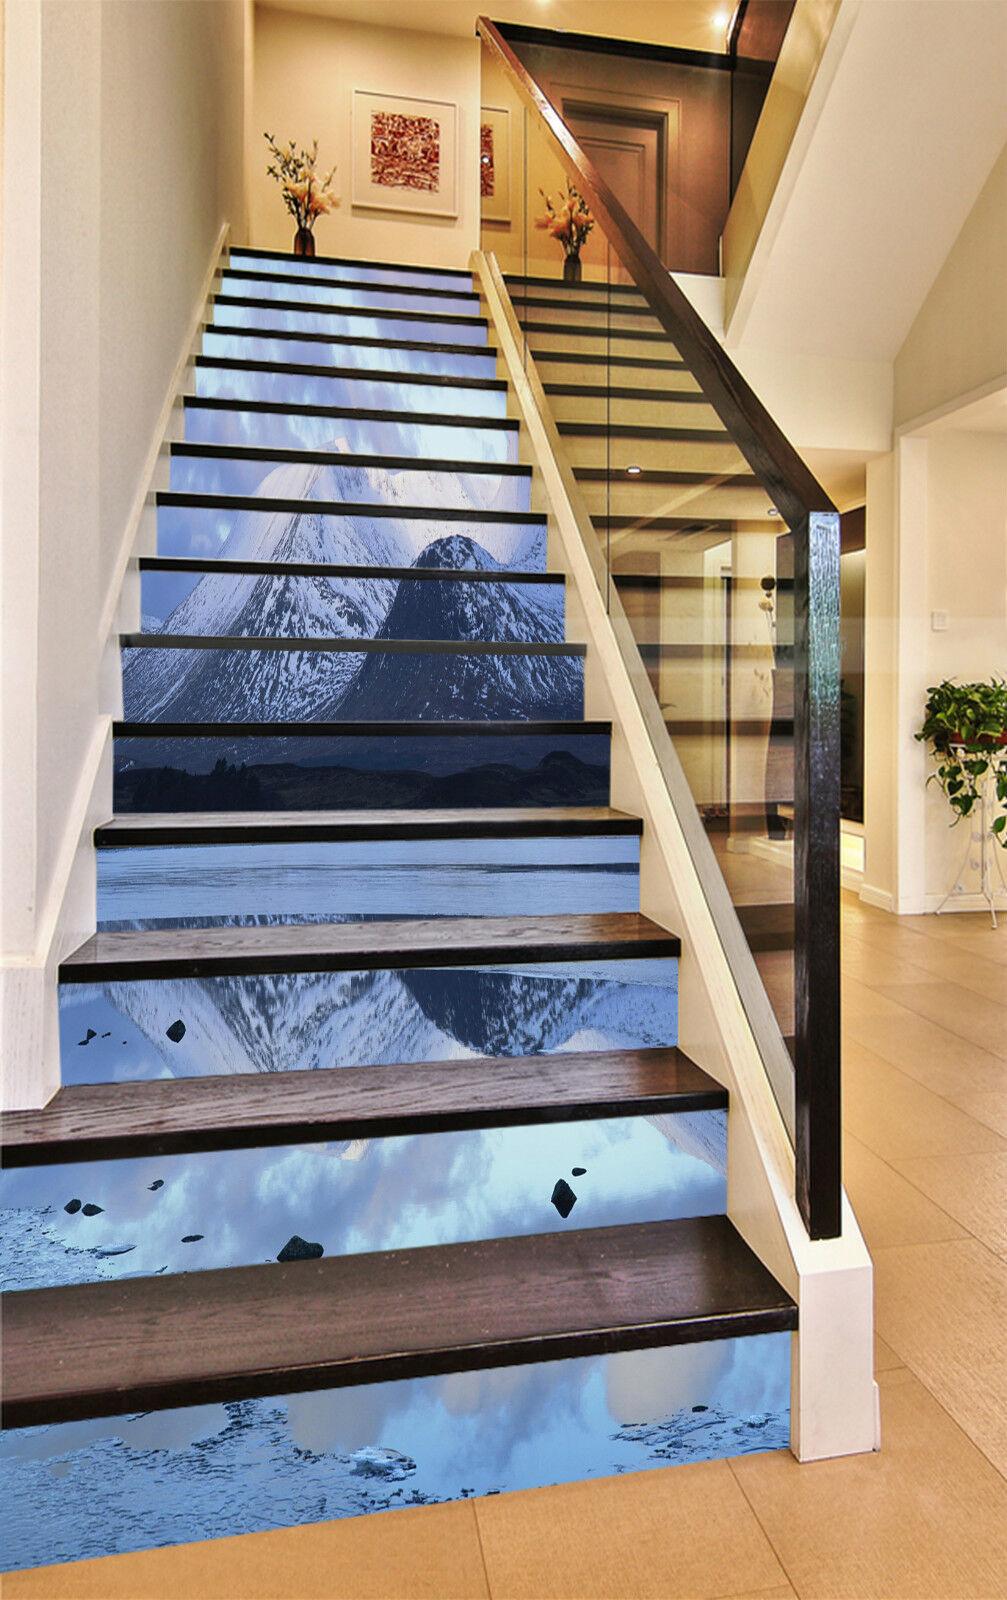 3d neige lac 335 Stair Risers Décoration Papier Peint Vinyle Autocollant Papier Peint De